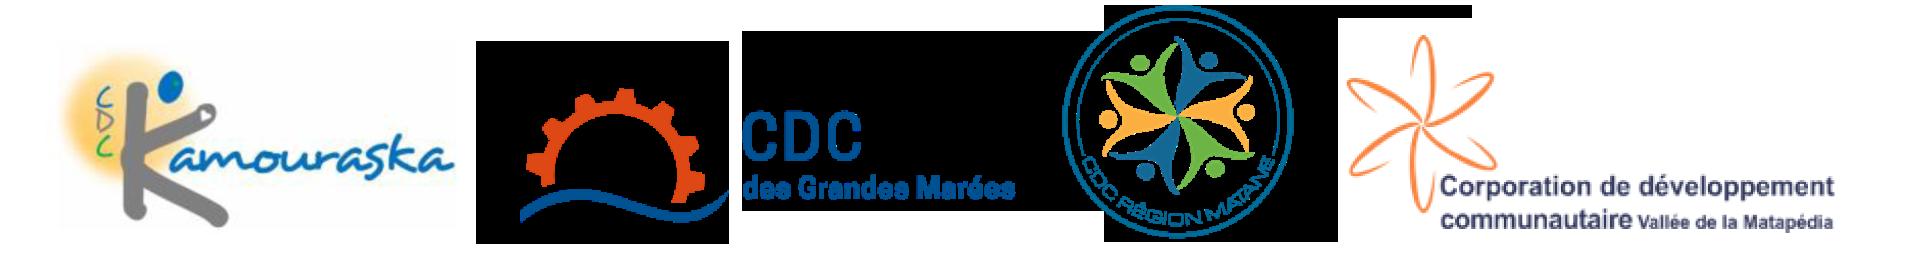 CDC du Kamouraska, CDC des Grandes Marées, CDC Région Matane et CDC de la Vallée de la Matapédia